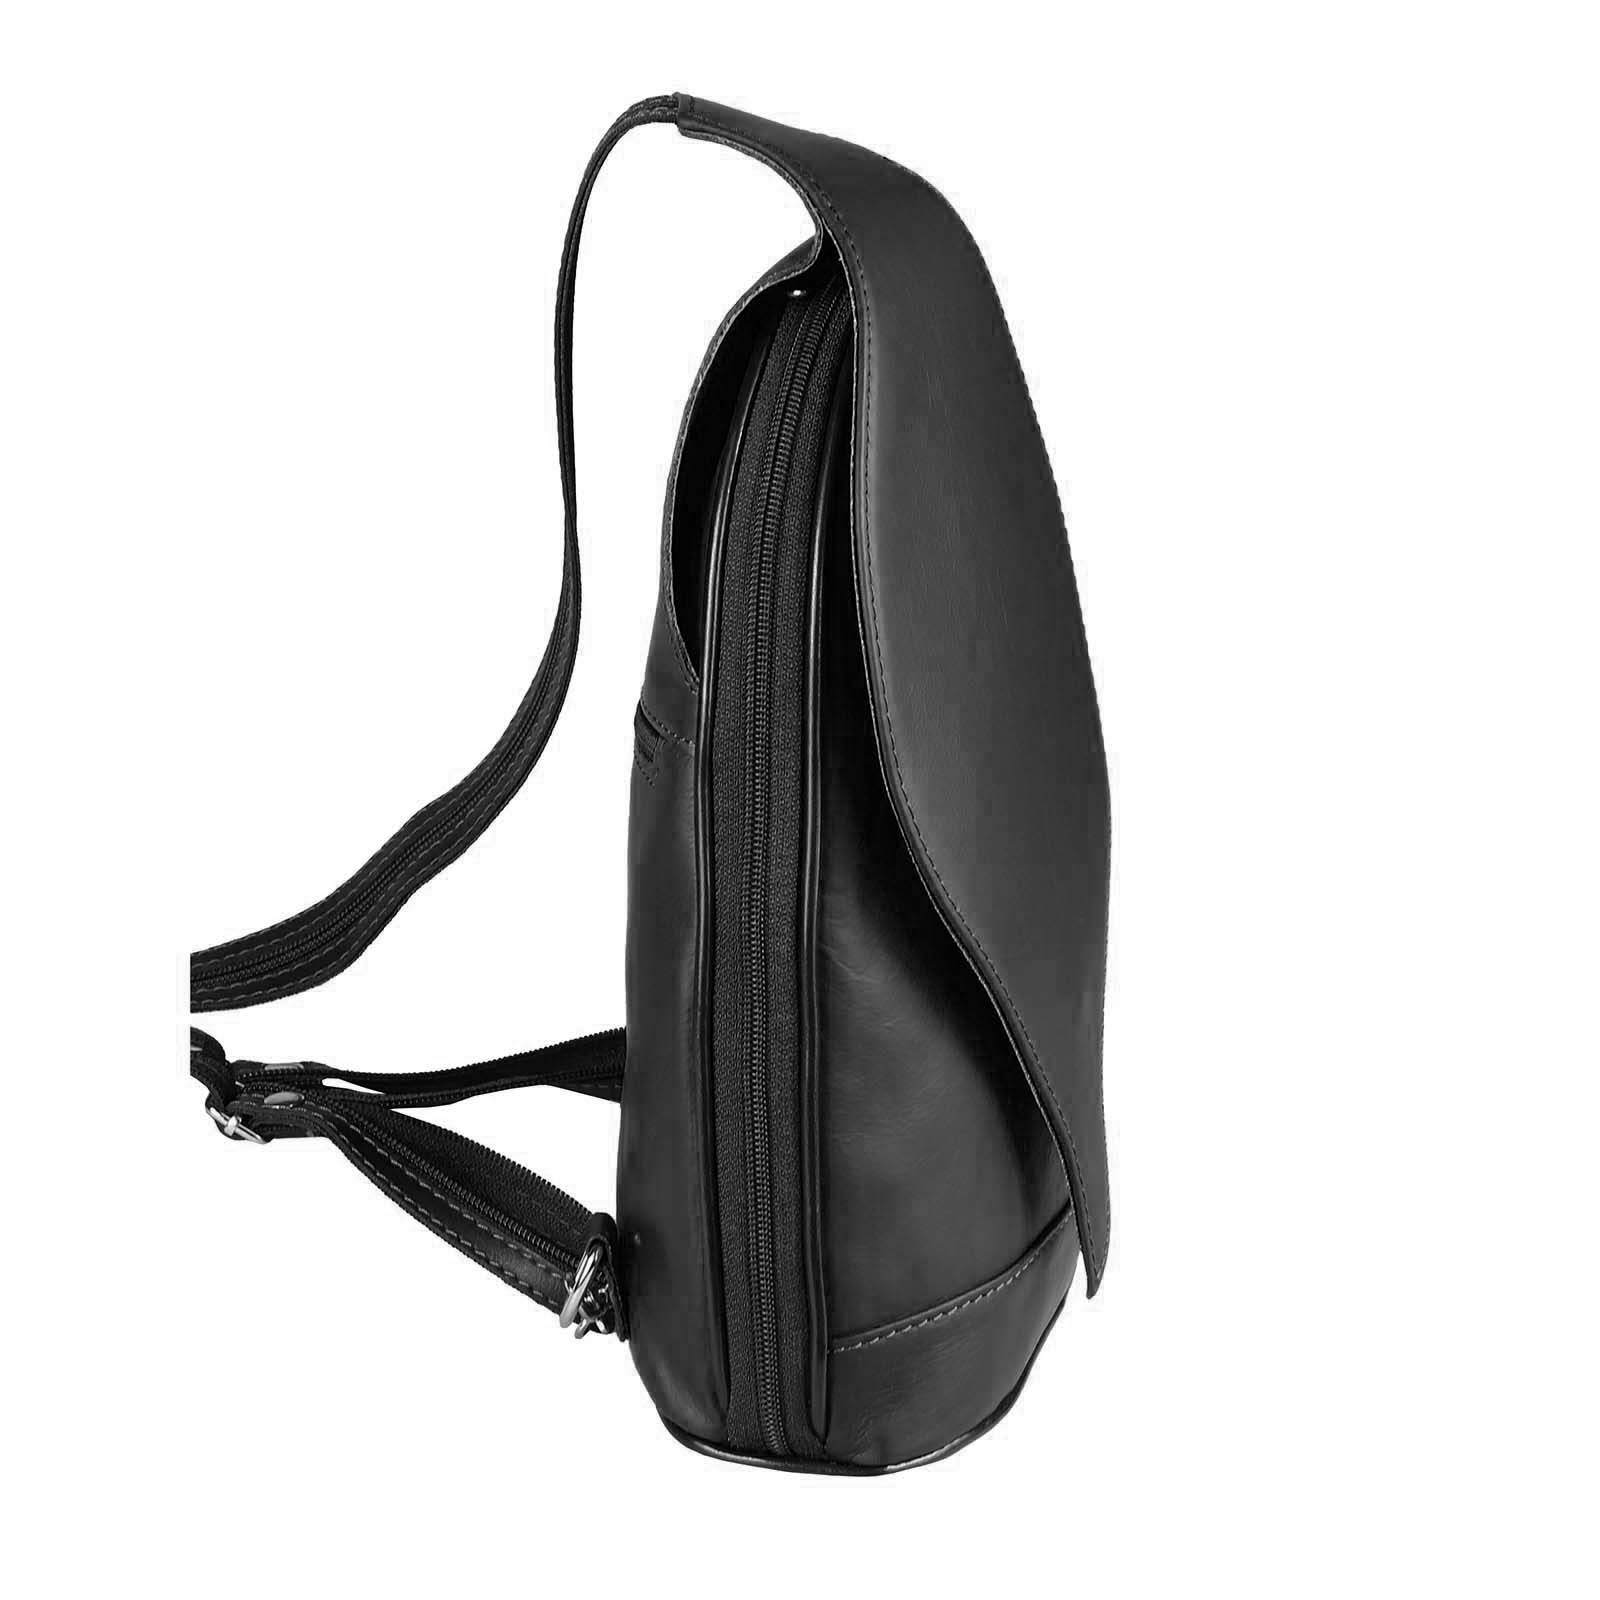 ITALY-DAMEN-LEDER-RUCKSACK-Schulter-Tasche-Reise-BACKPACK-Lederrucksack-it-BAG Indexbild 16